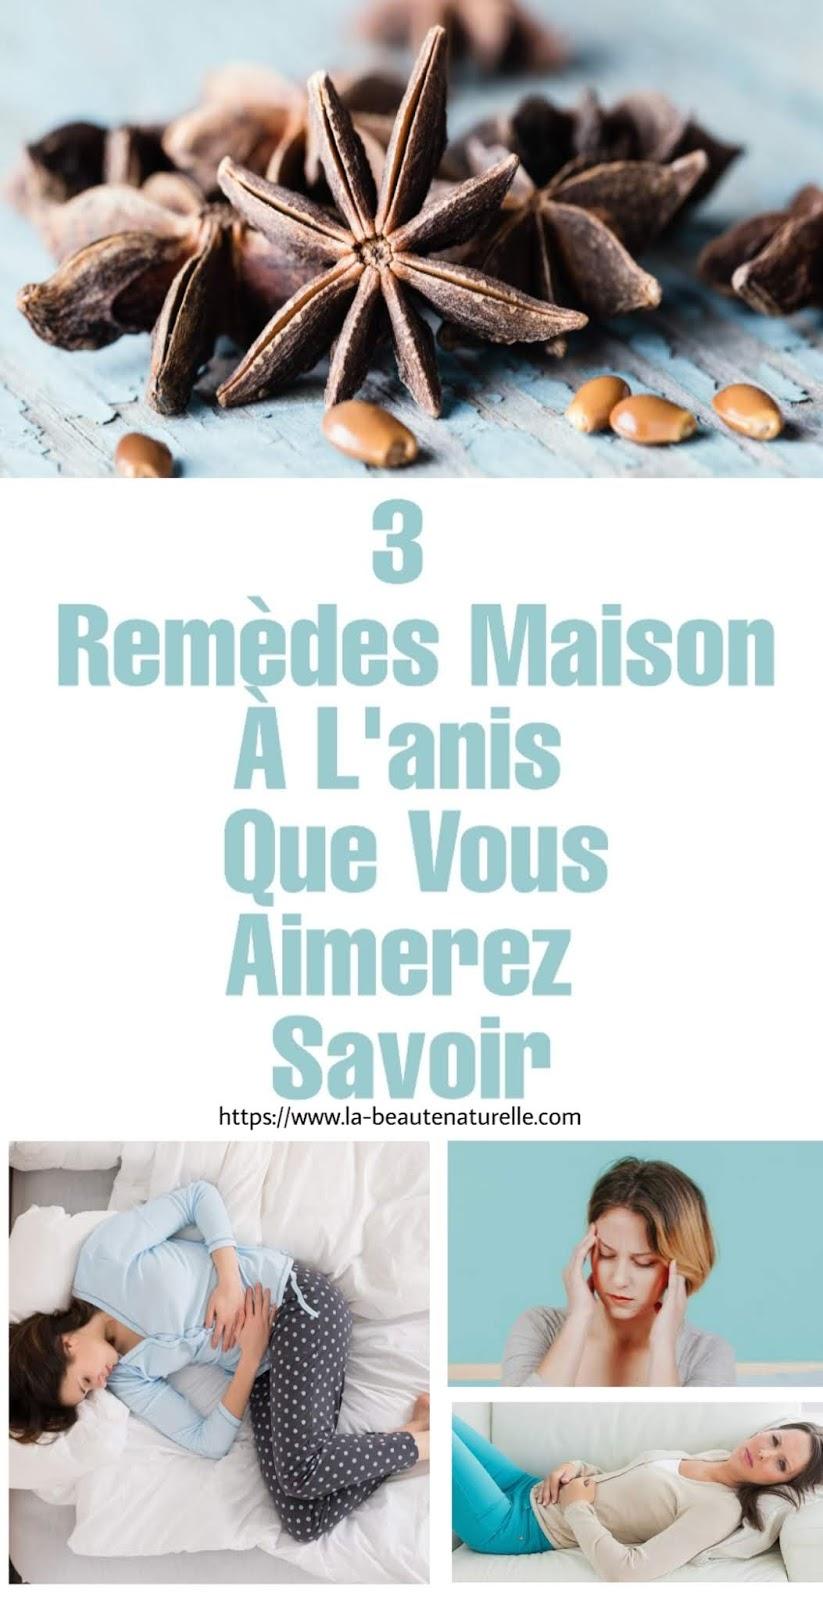 3 Remèdes Maison À L'anis Que Vous Aimerez Savoir